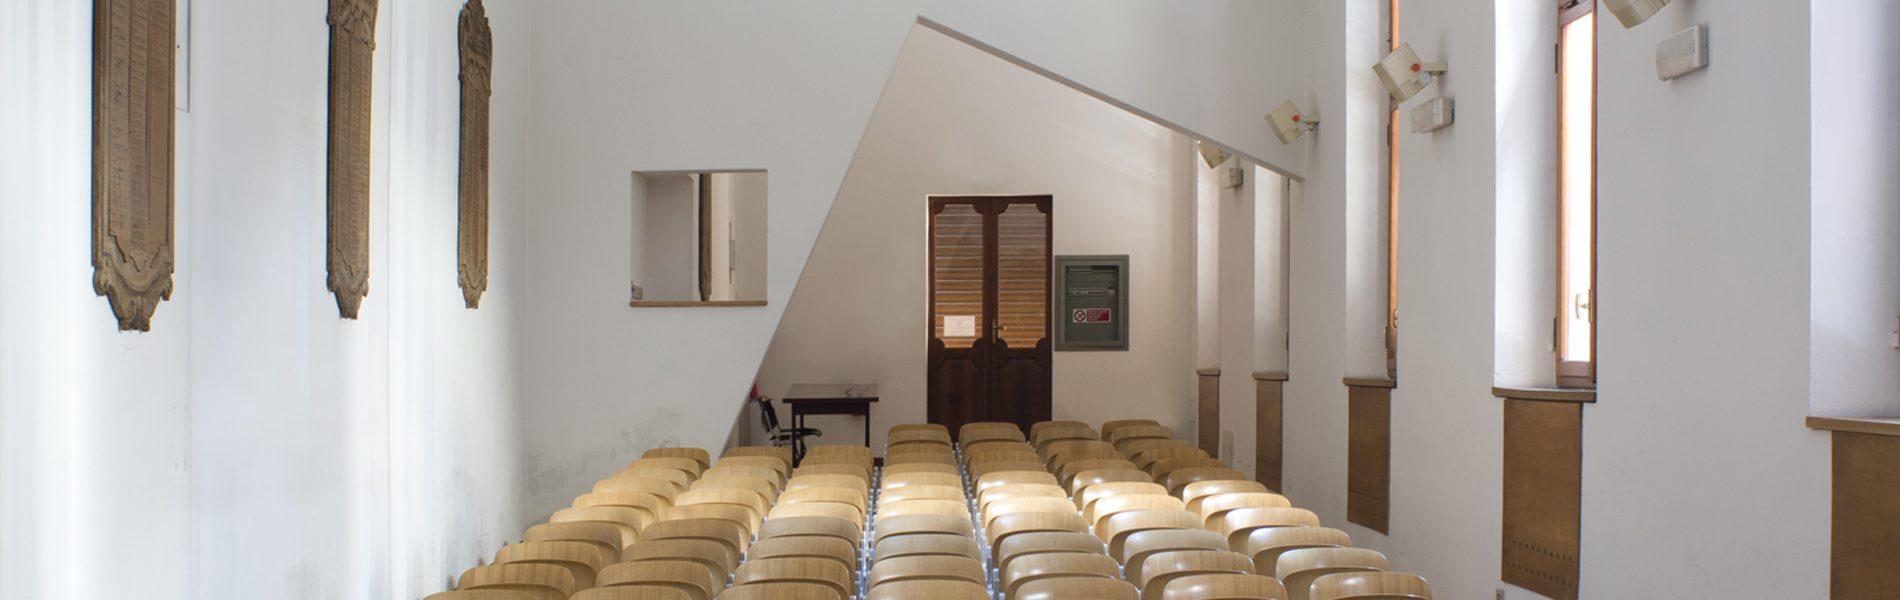 Dimensioni Sala Conferenze 100 Posti.Sala Conferenze Fondazione Collegio San Carlo